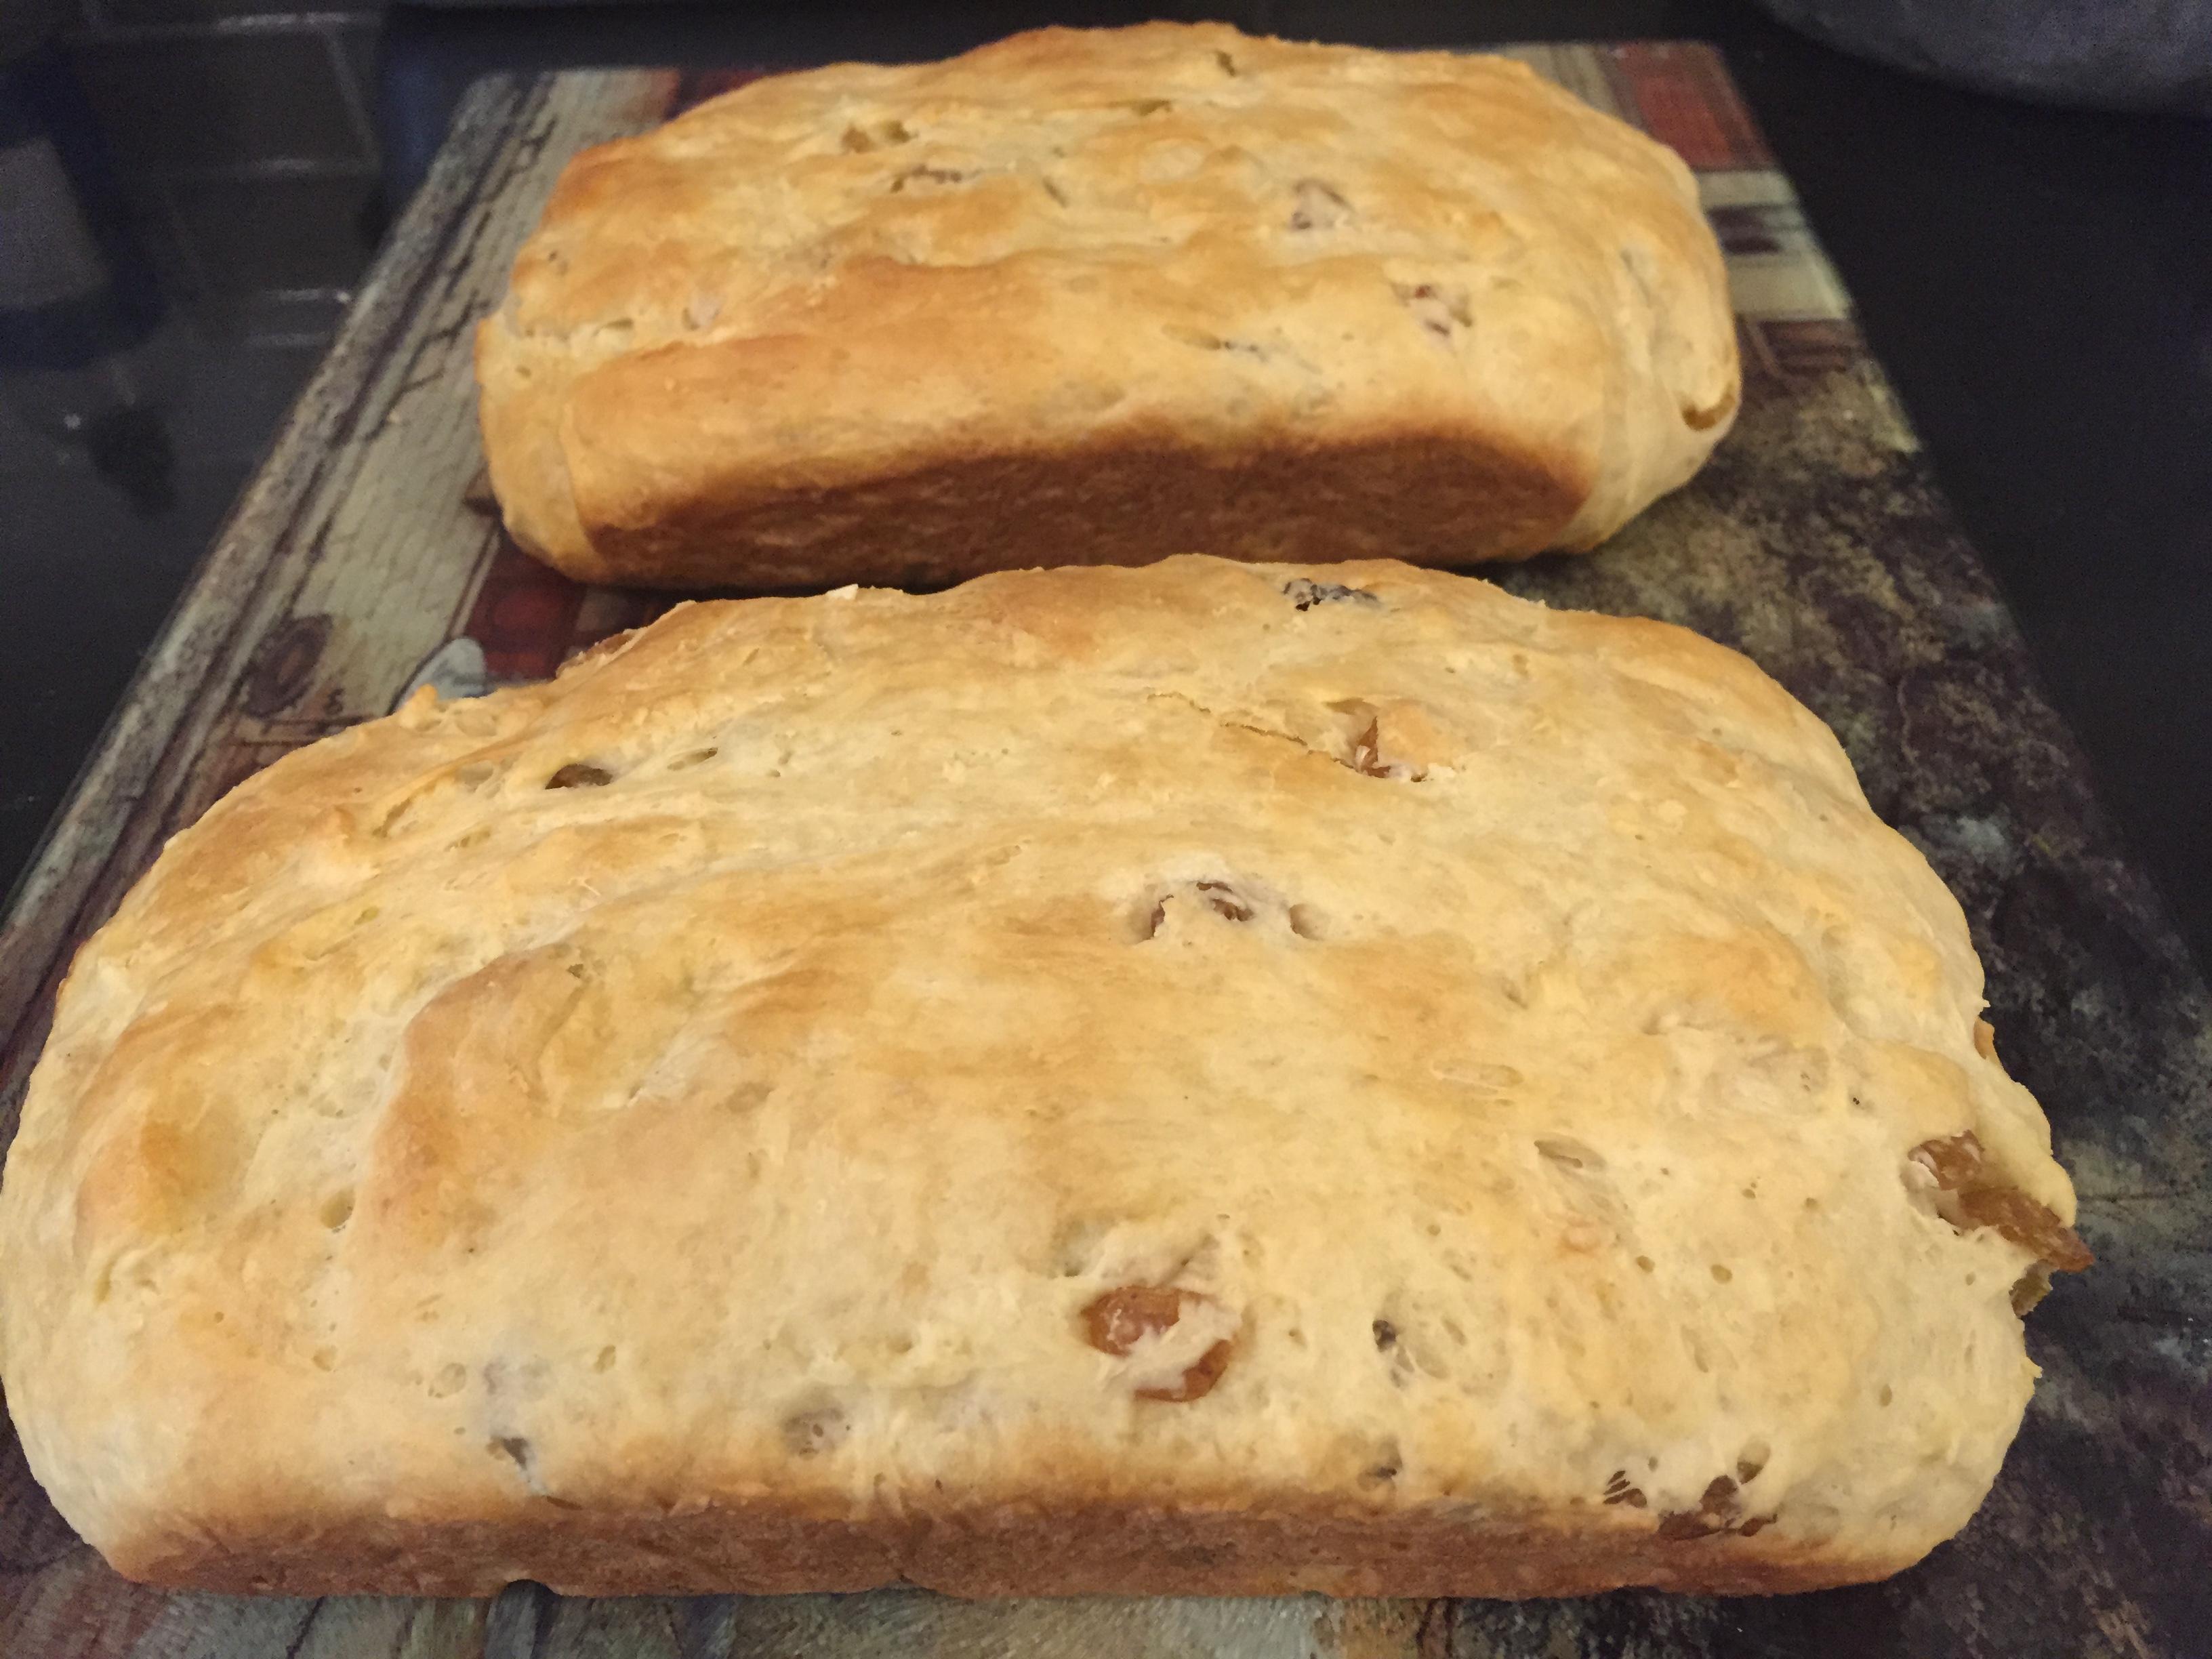 31 Best Raisin Bread Images On Pinterest: Raisin Bread For Beginners